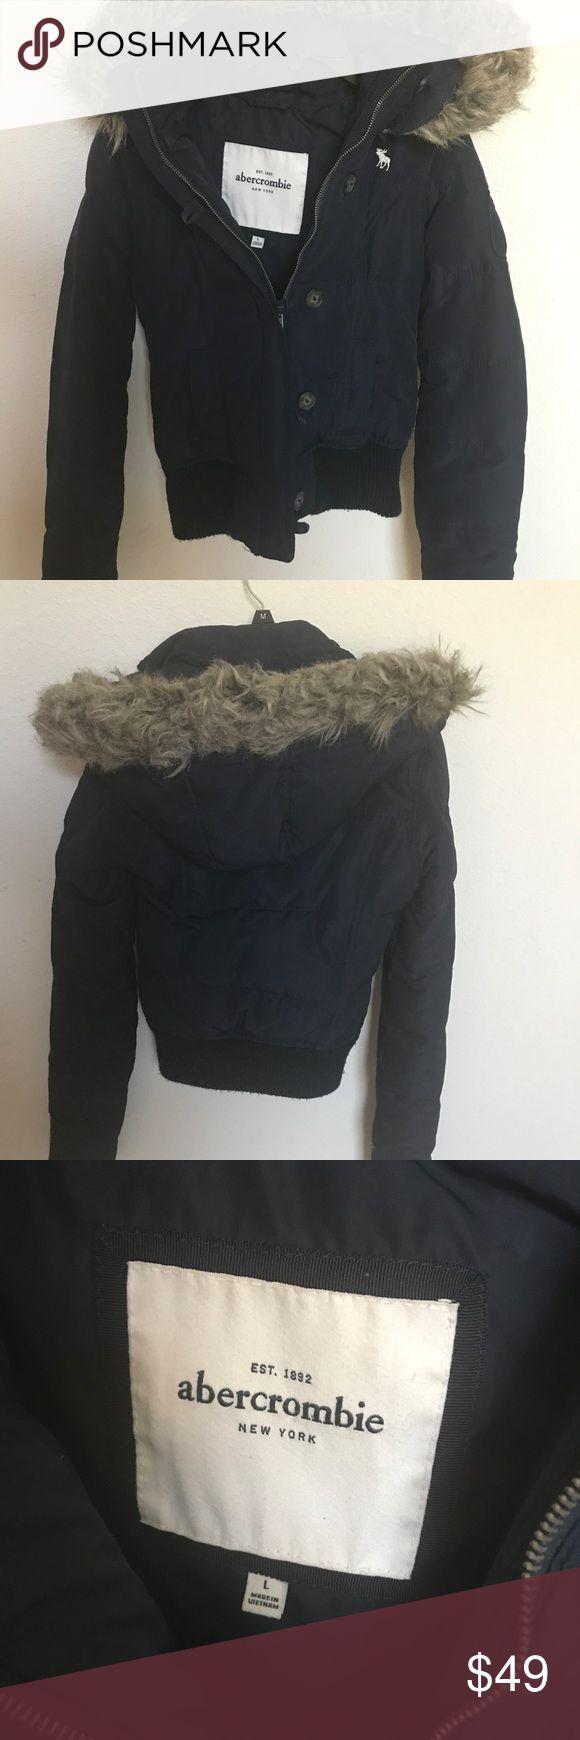 Abercrombie Girls' Fur Winter Jacket Abercrombie Girls Fur Hood Winter Jacket Navy Blue-used-minor signs of wear Abercombie Kids Jackets & Coats Puffers